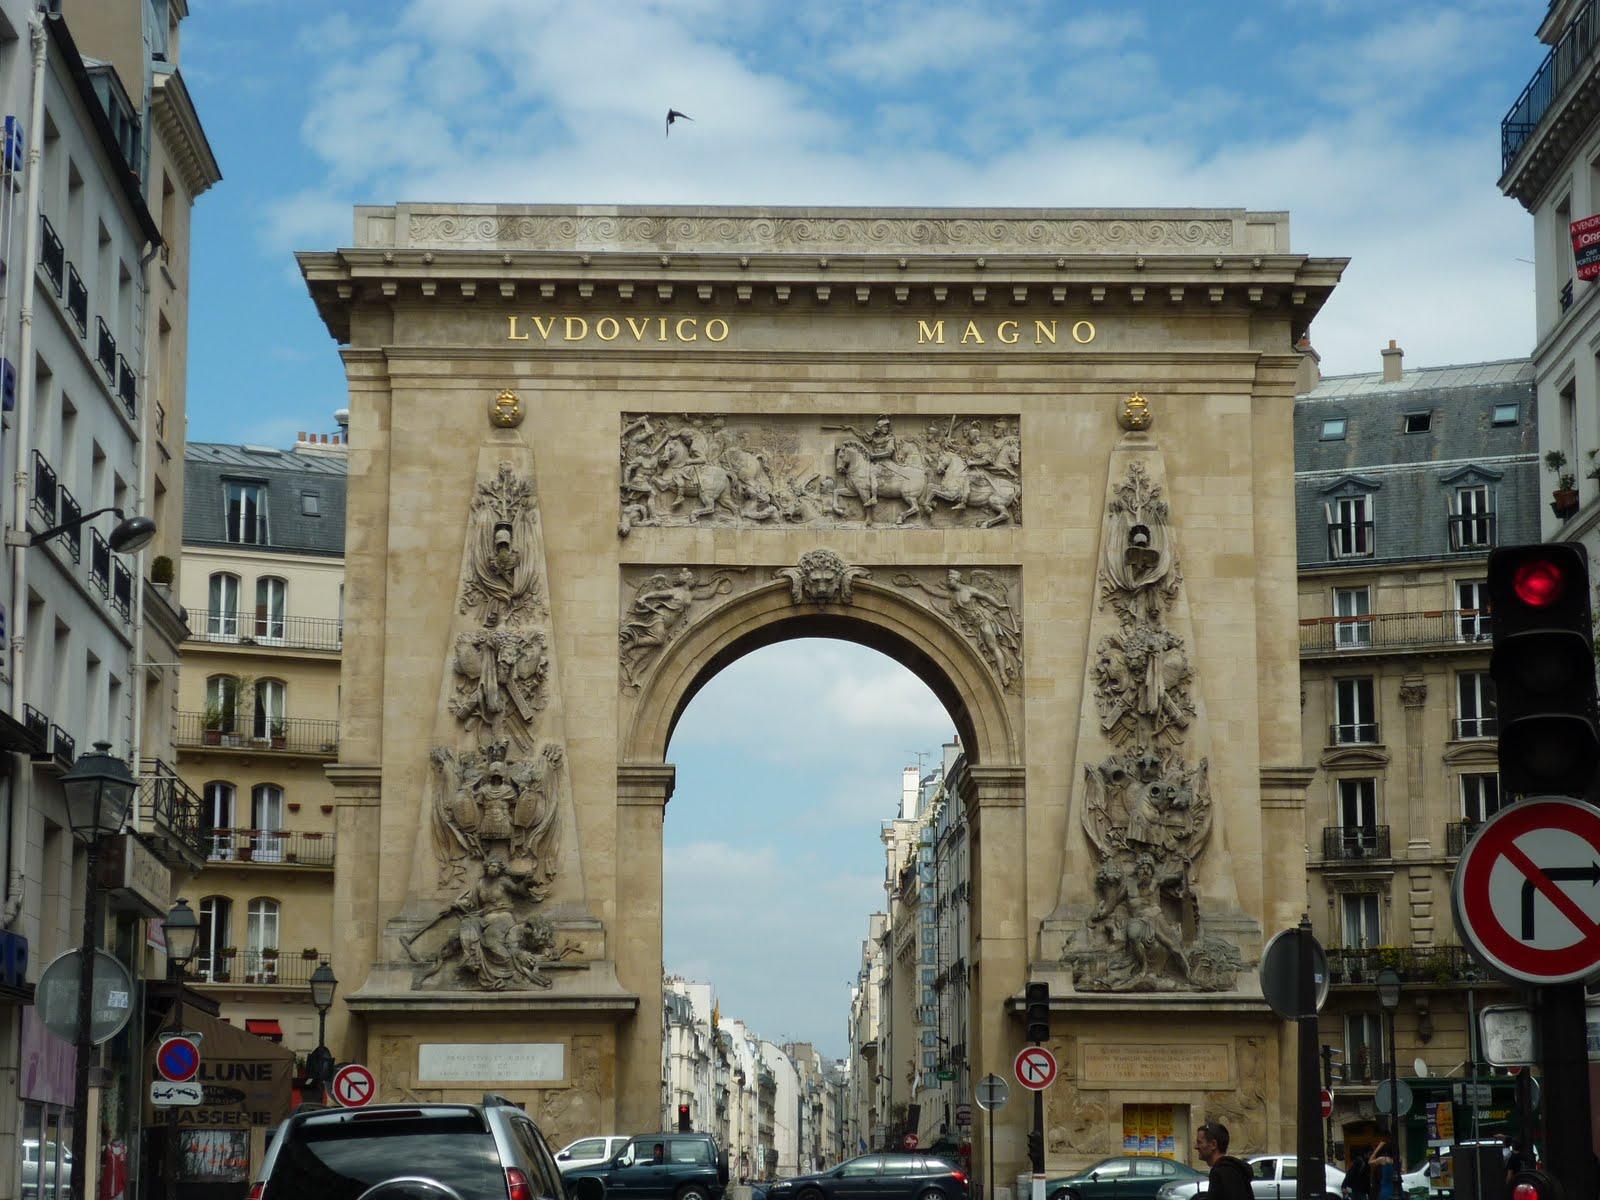 Dr j j visite paris 2 me arrondissement for La porte tx city hall